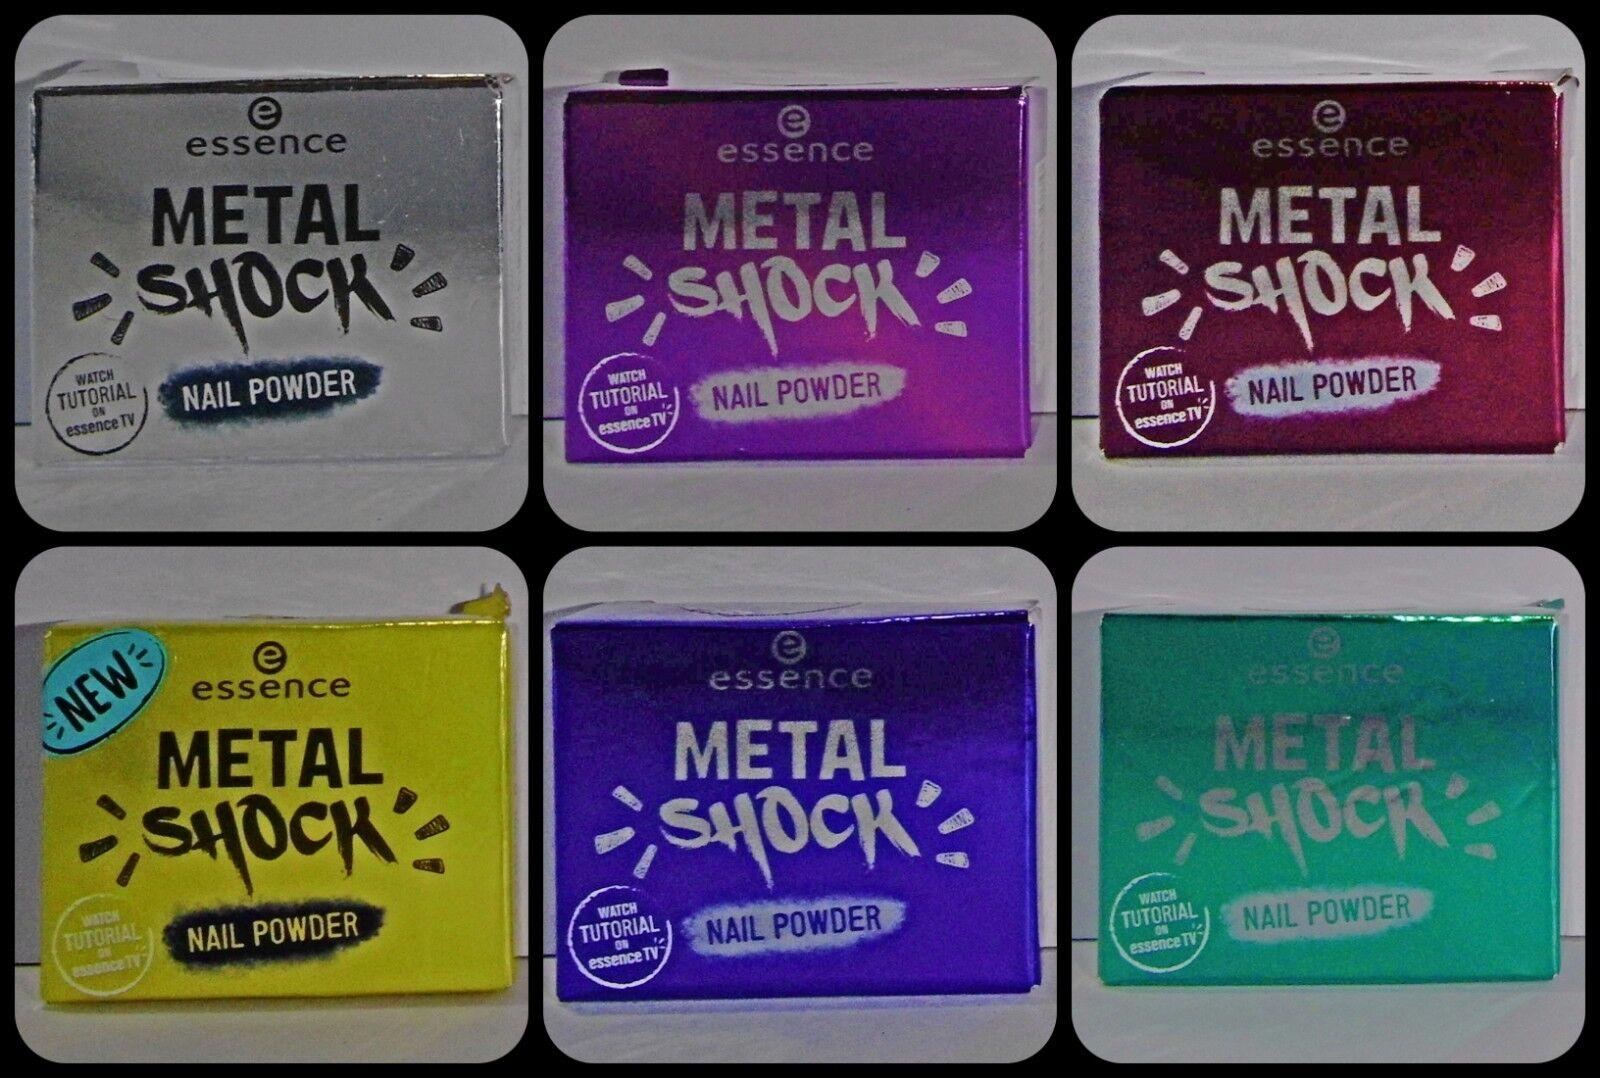 Essence Metal Shock Nail Powder, Nagelpuder für Spiegelglanzeffekt